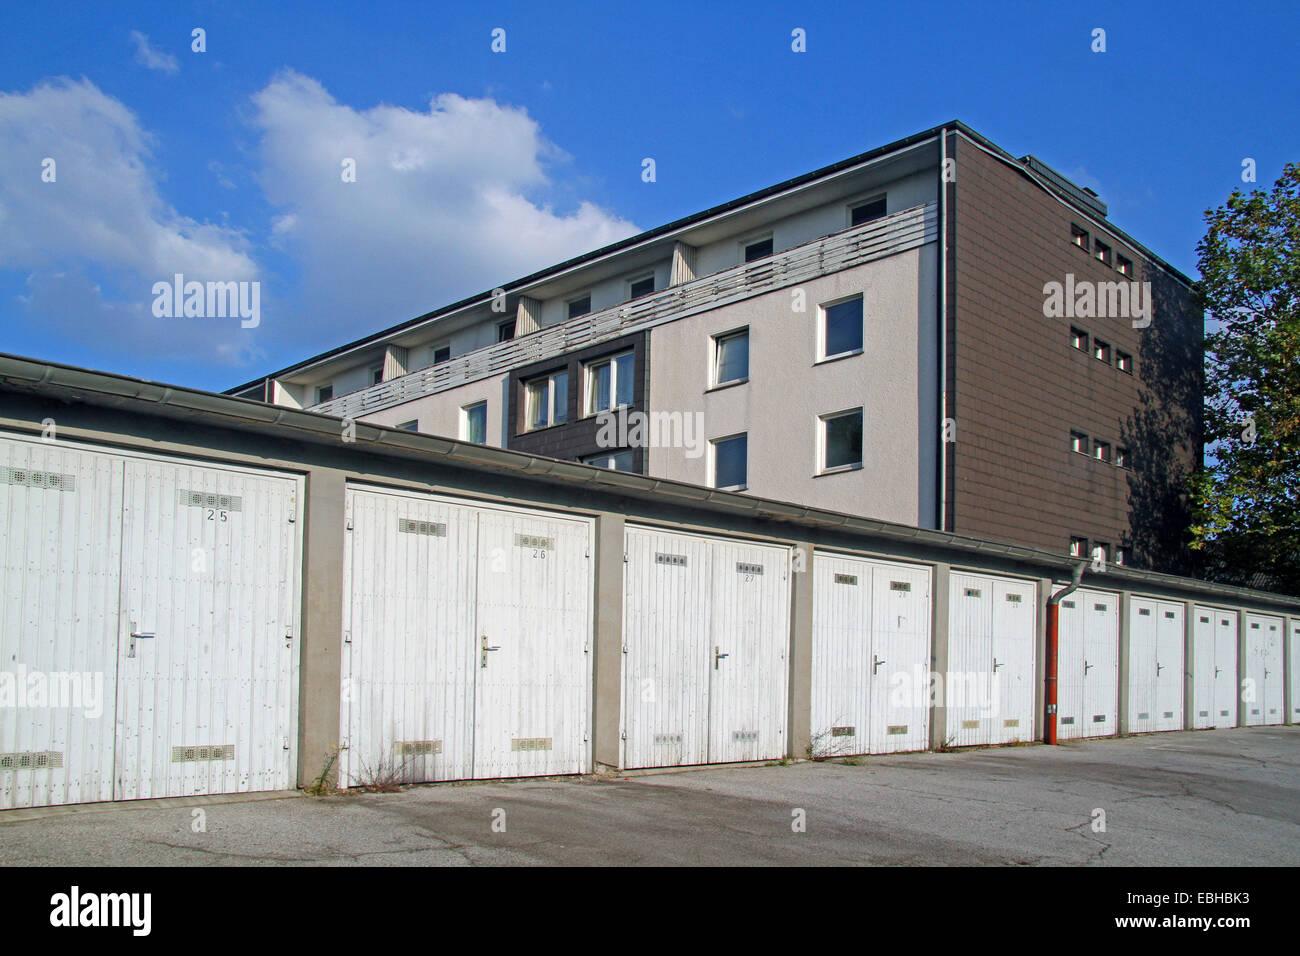 Casa de apartamentos y garajes, Alemania Imagen De Stock